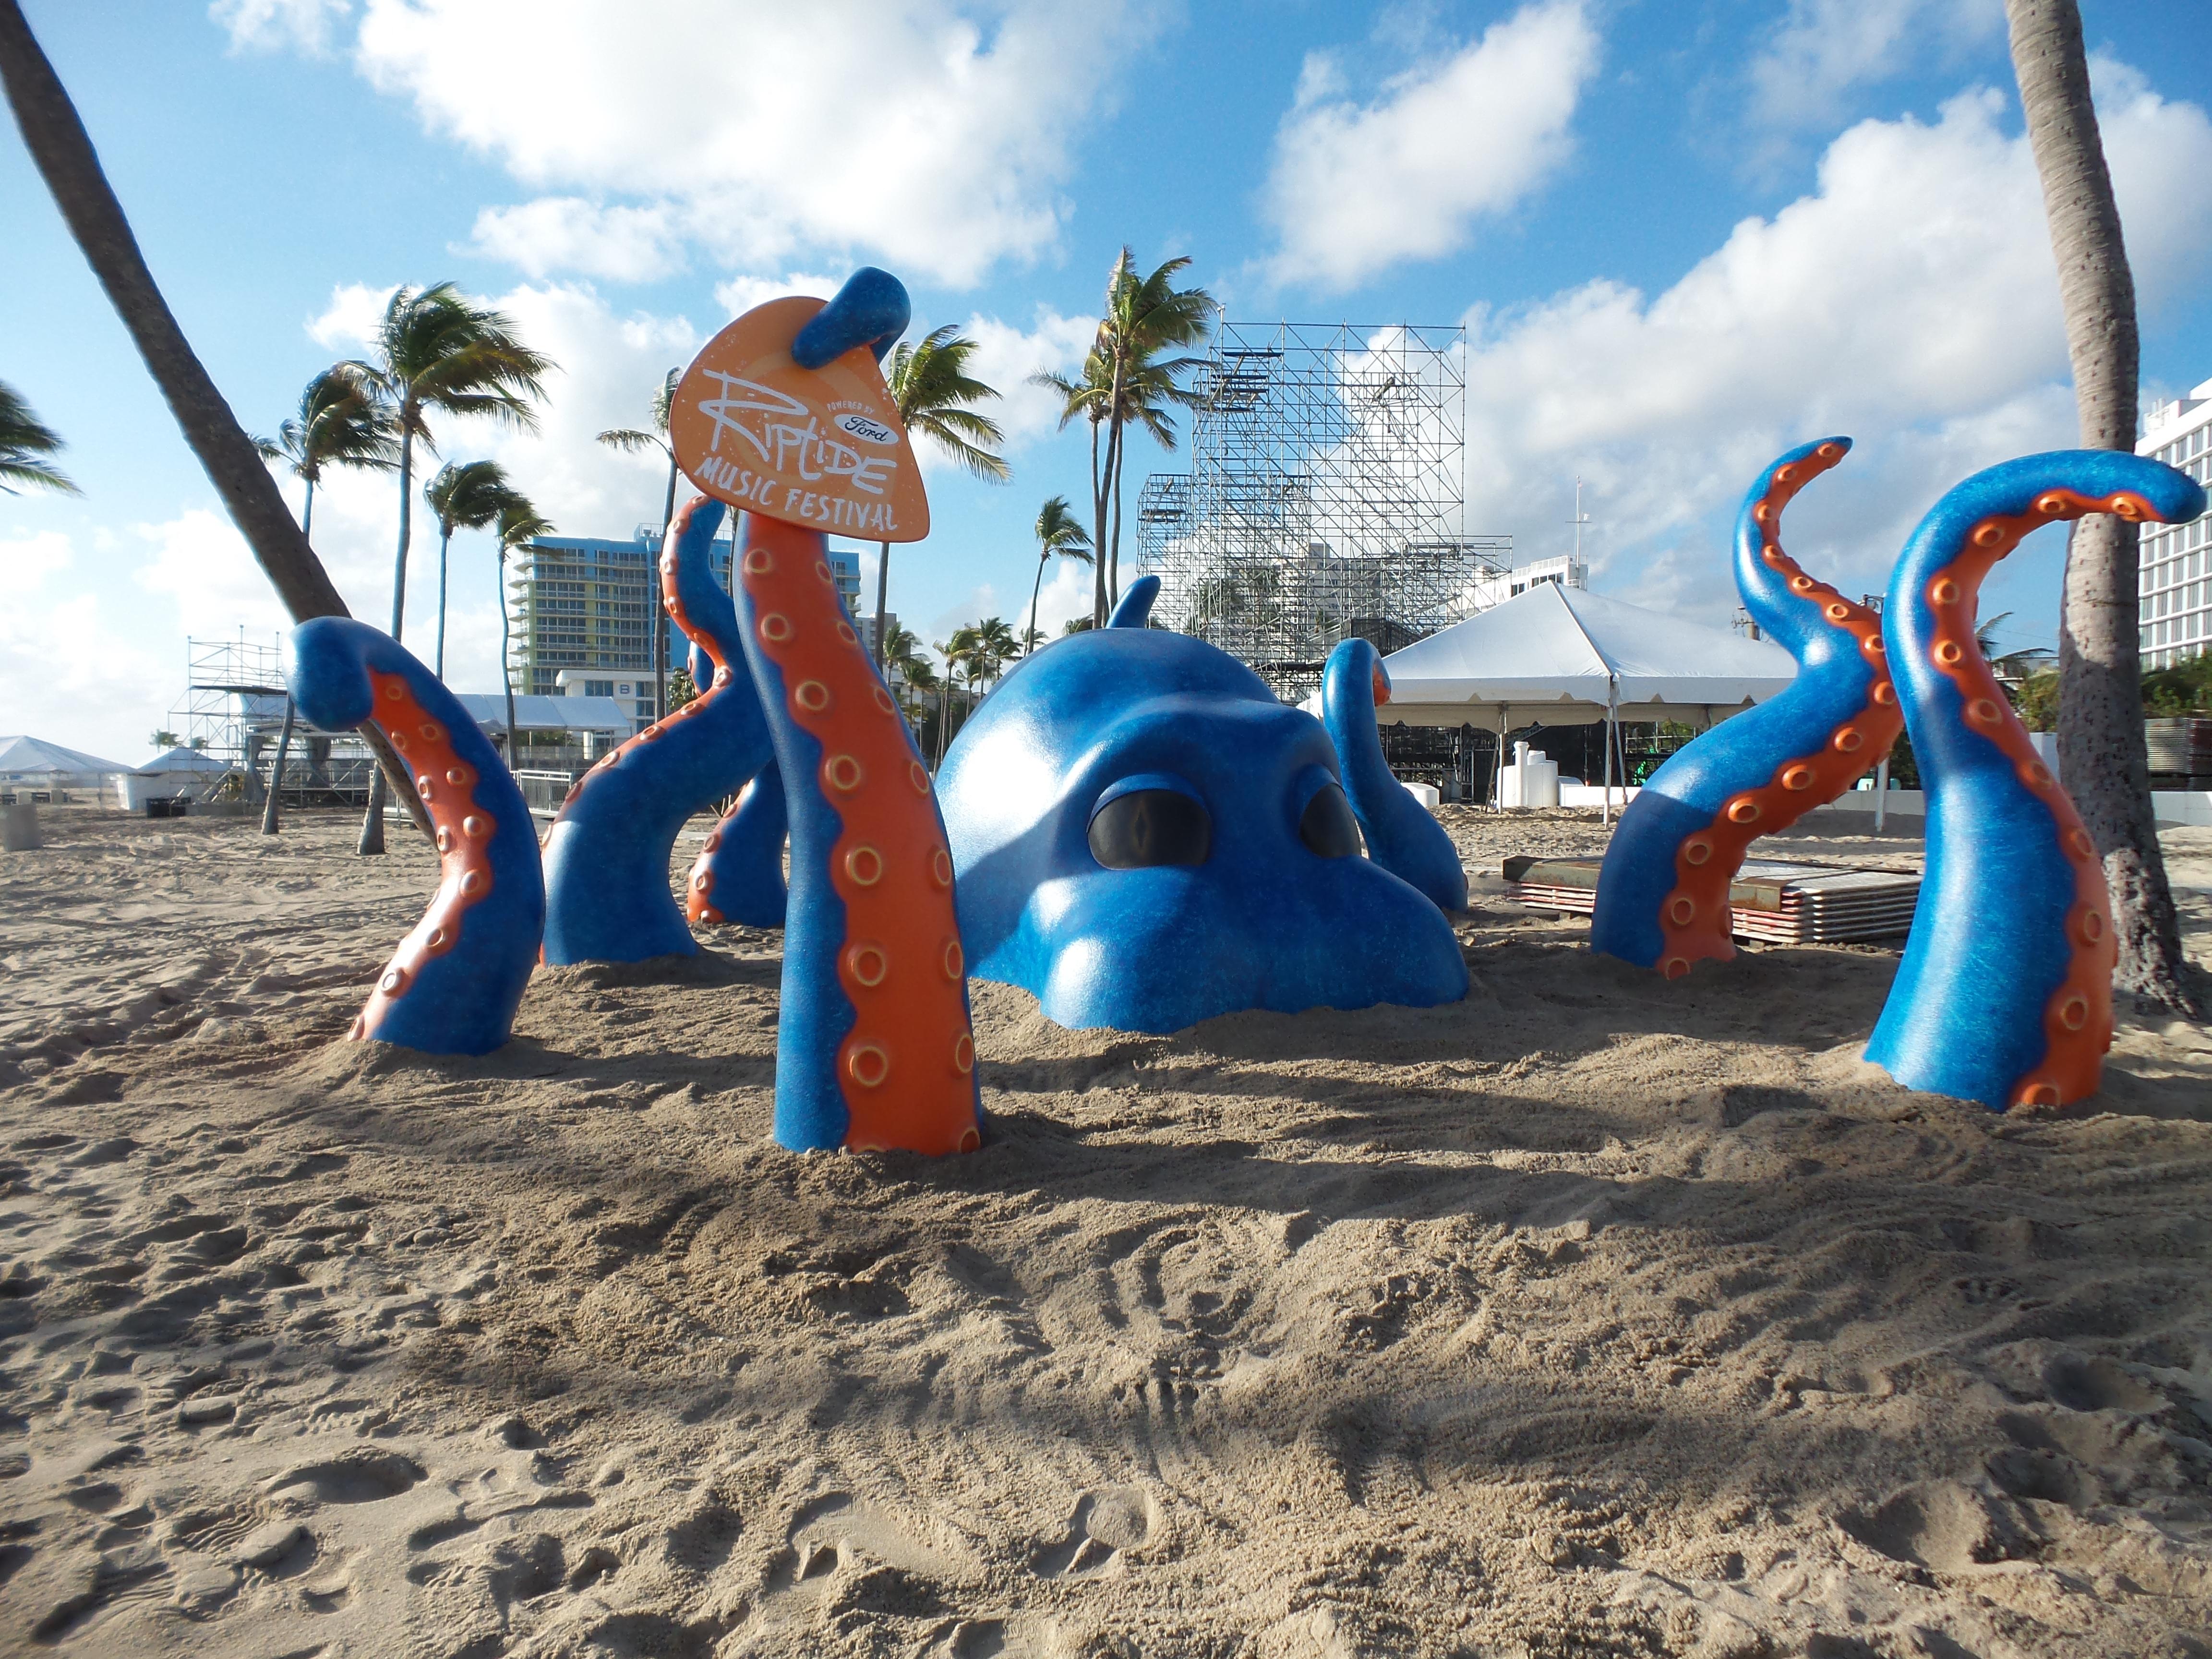 RIPTIDE_Music_Festival_Giant_Octopus